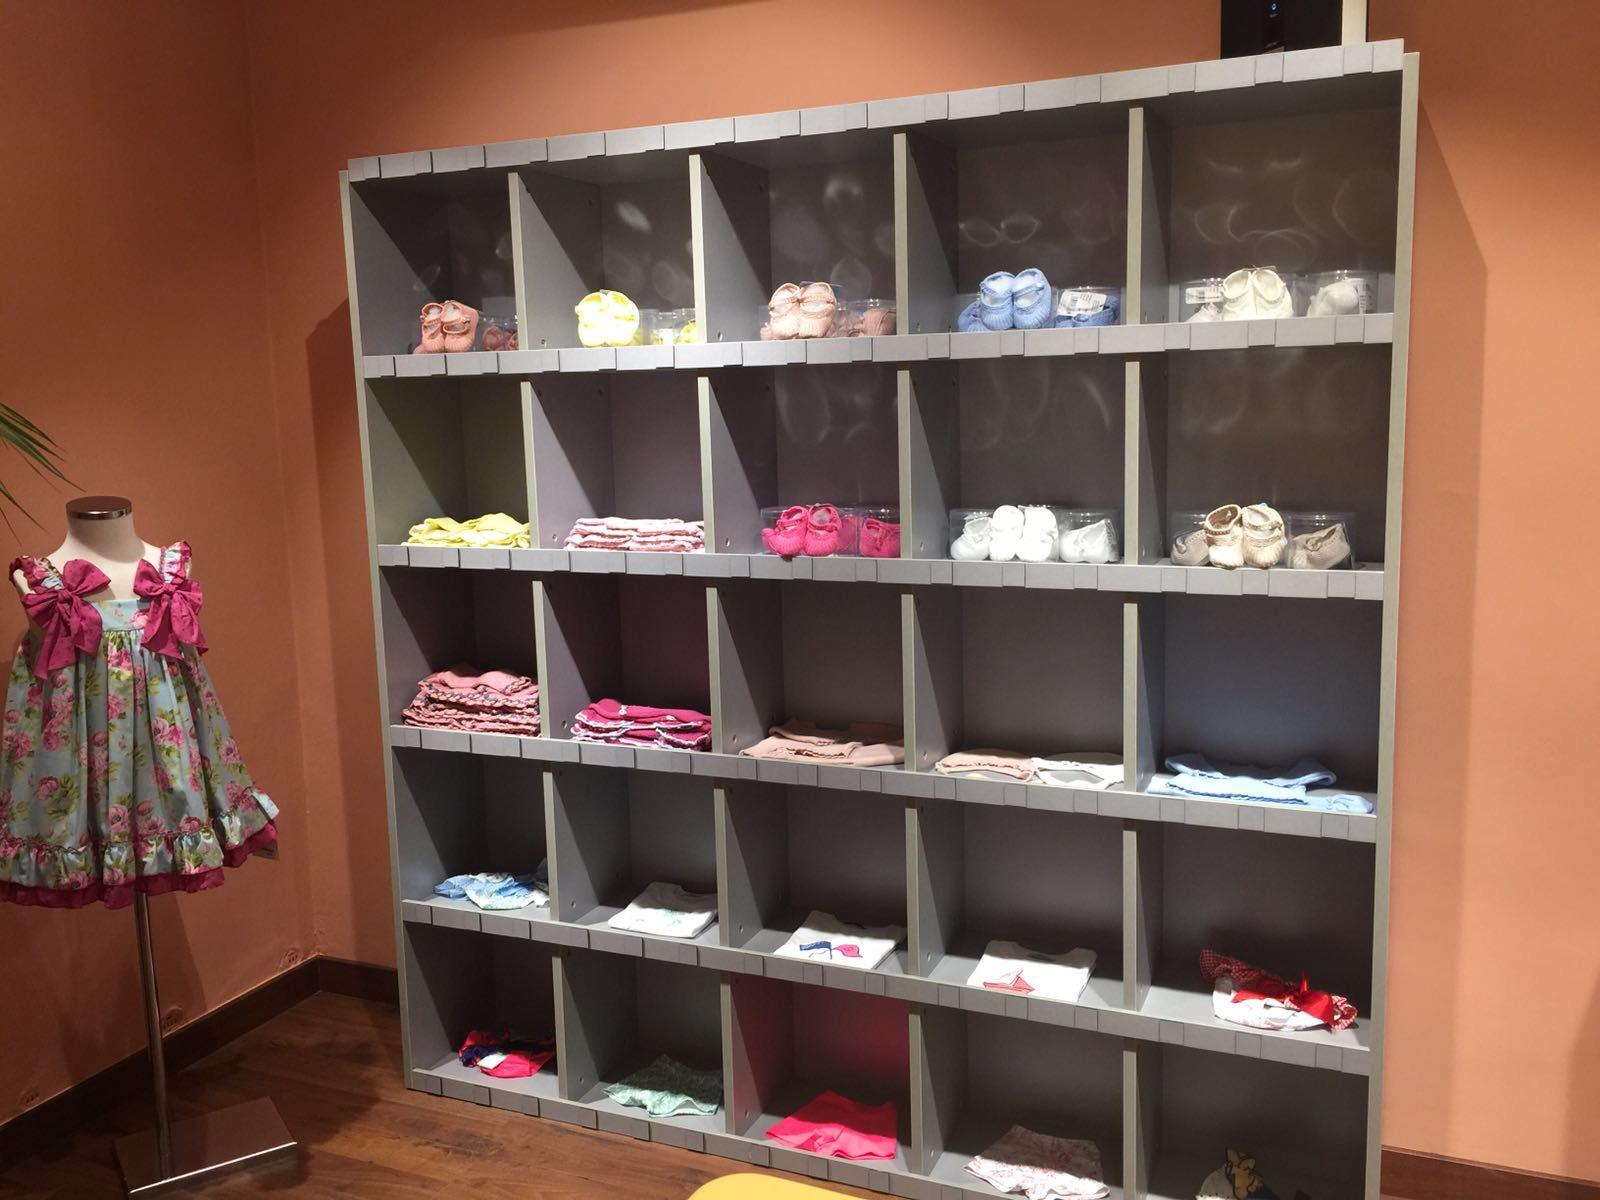 empresas-proyectos-apertura-locales-comerciales-negocios-tiendas-ropa-2